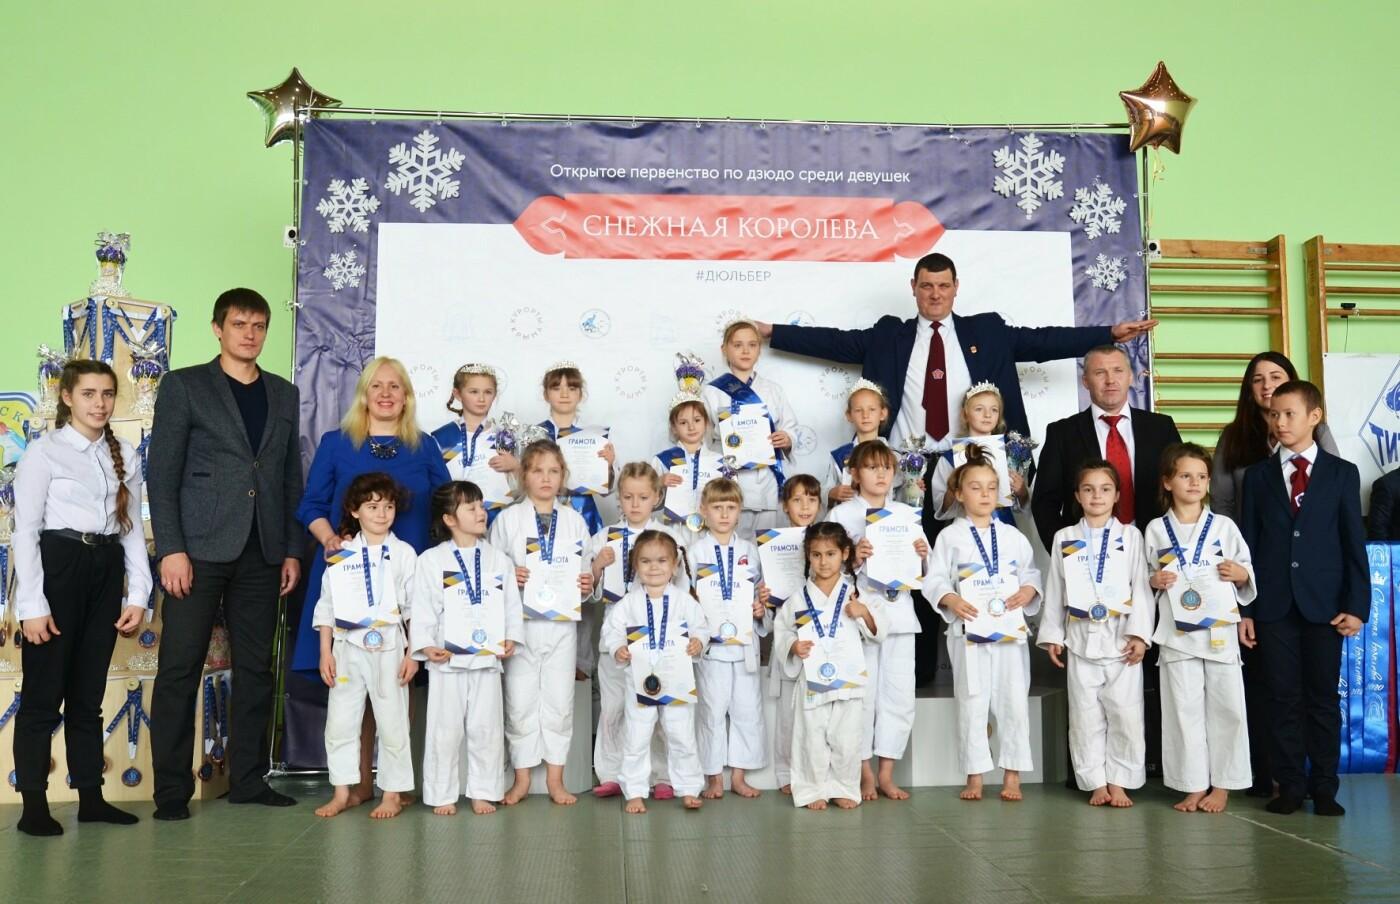 Двадцать четыре  «Снежные Королевы»: в санатории  «Дюльбер»  провели турнир по дзюдо, фото-5